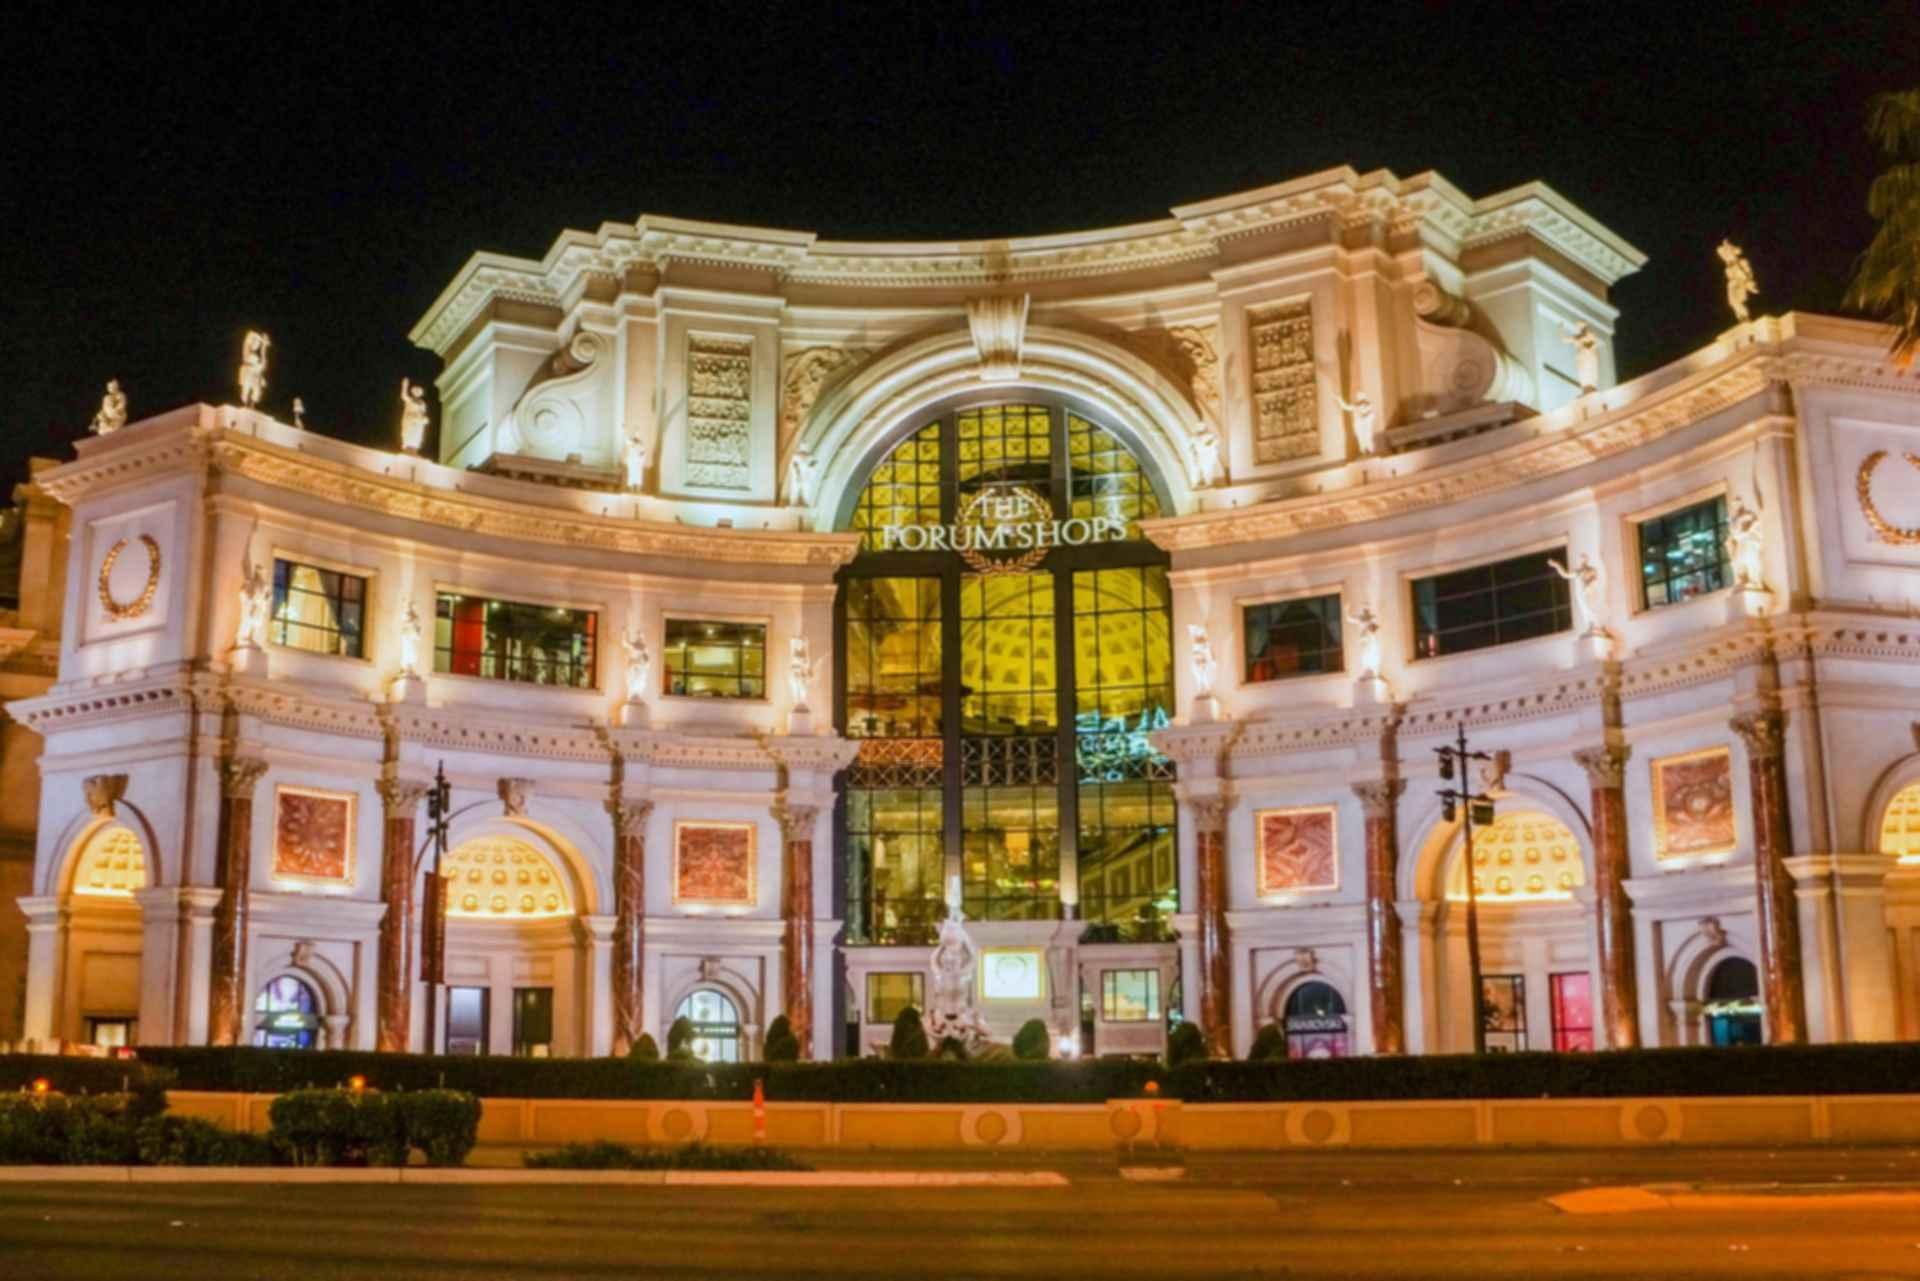 Caesars Palace Las Vegas - The Forum